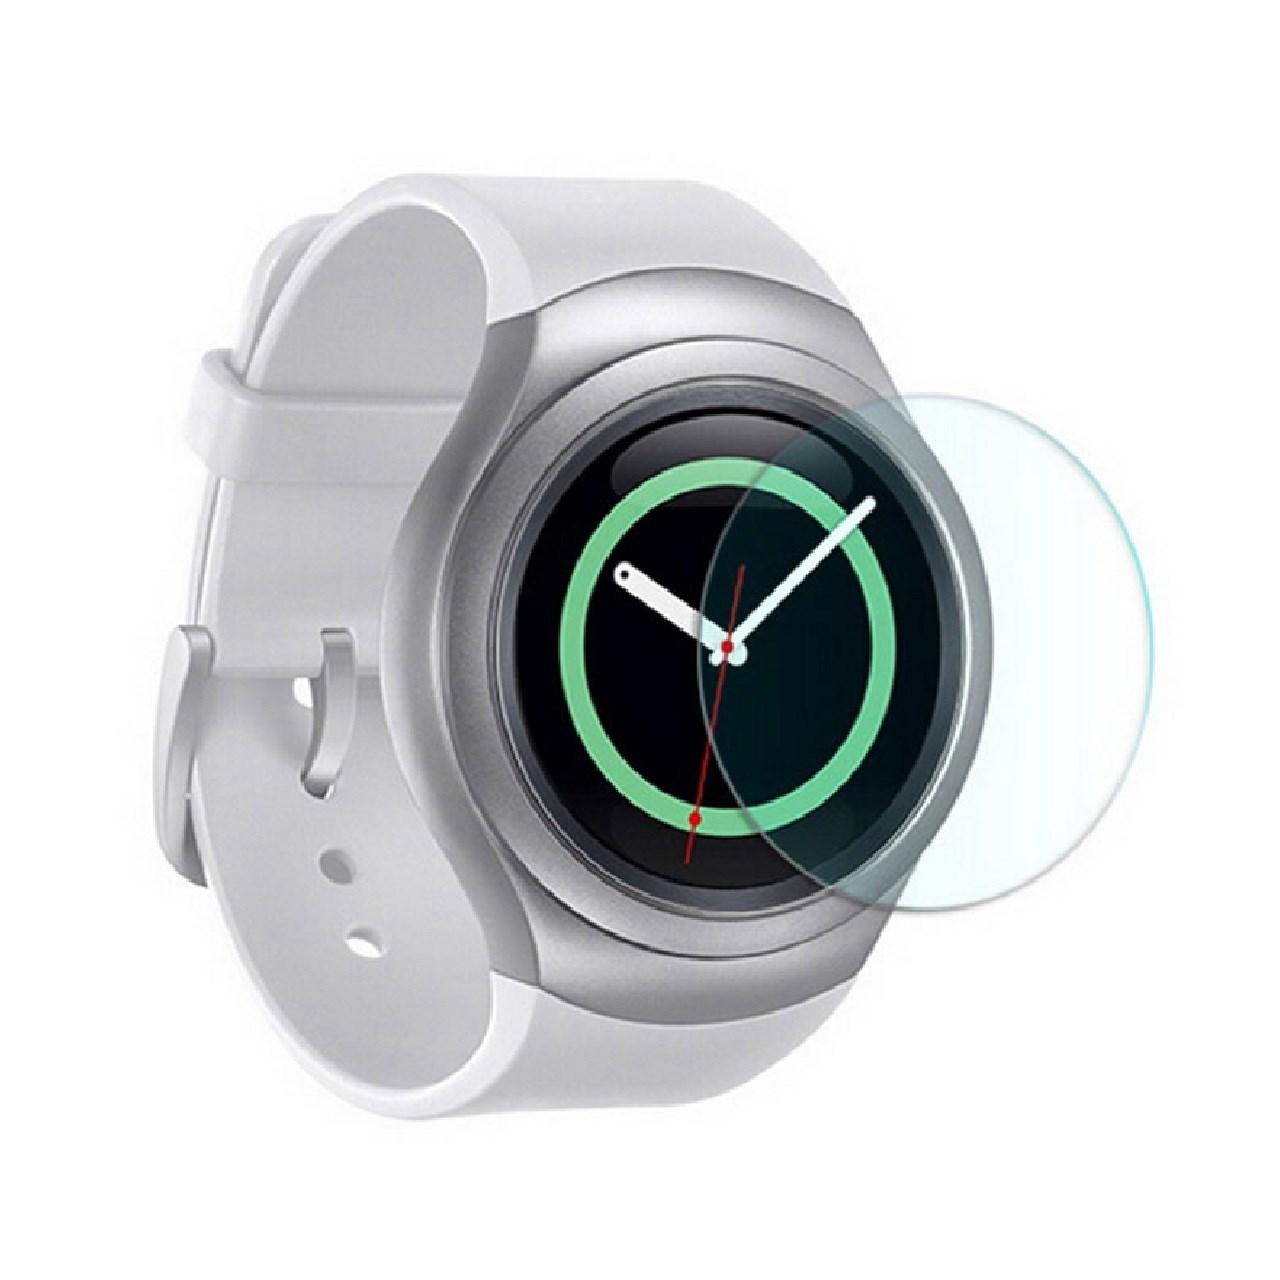 محافظ صفحه نمایش شیشه ای مدل تمپرد مناسب برای ساعت های هوشمند سامسونگ مدل Gear S2 / Gear Sport